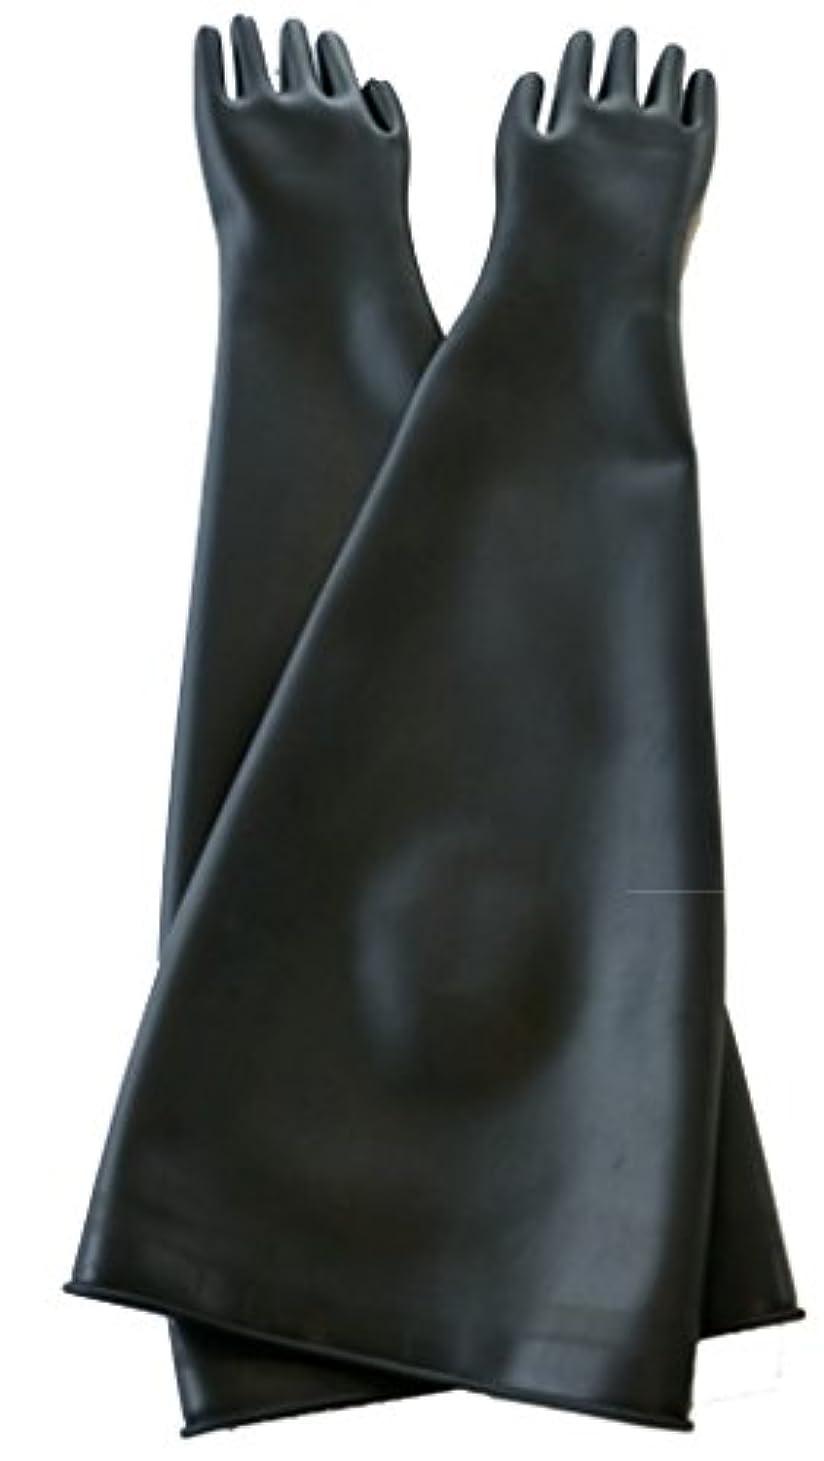 思い出させる差し控えるファンブルハナキゴム グローブボックス用手袋 ハナローブ8885 導電天然ゴム製 平指型